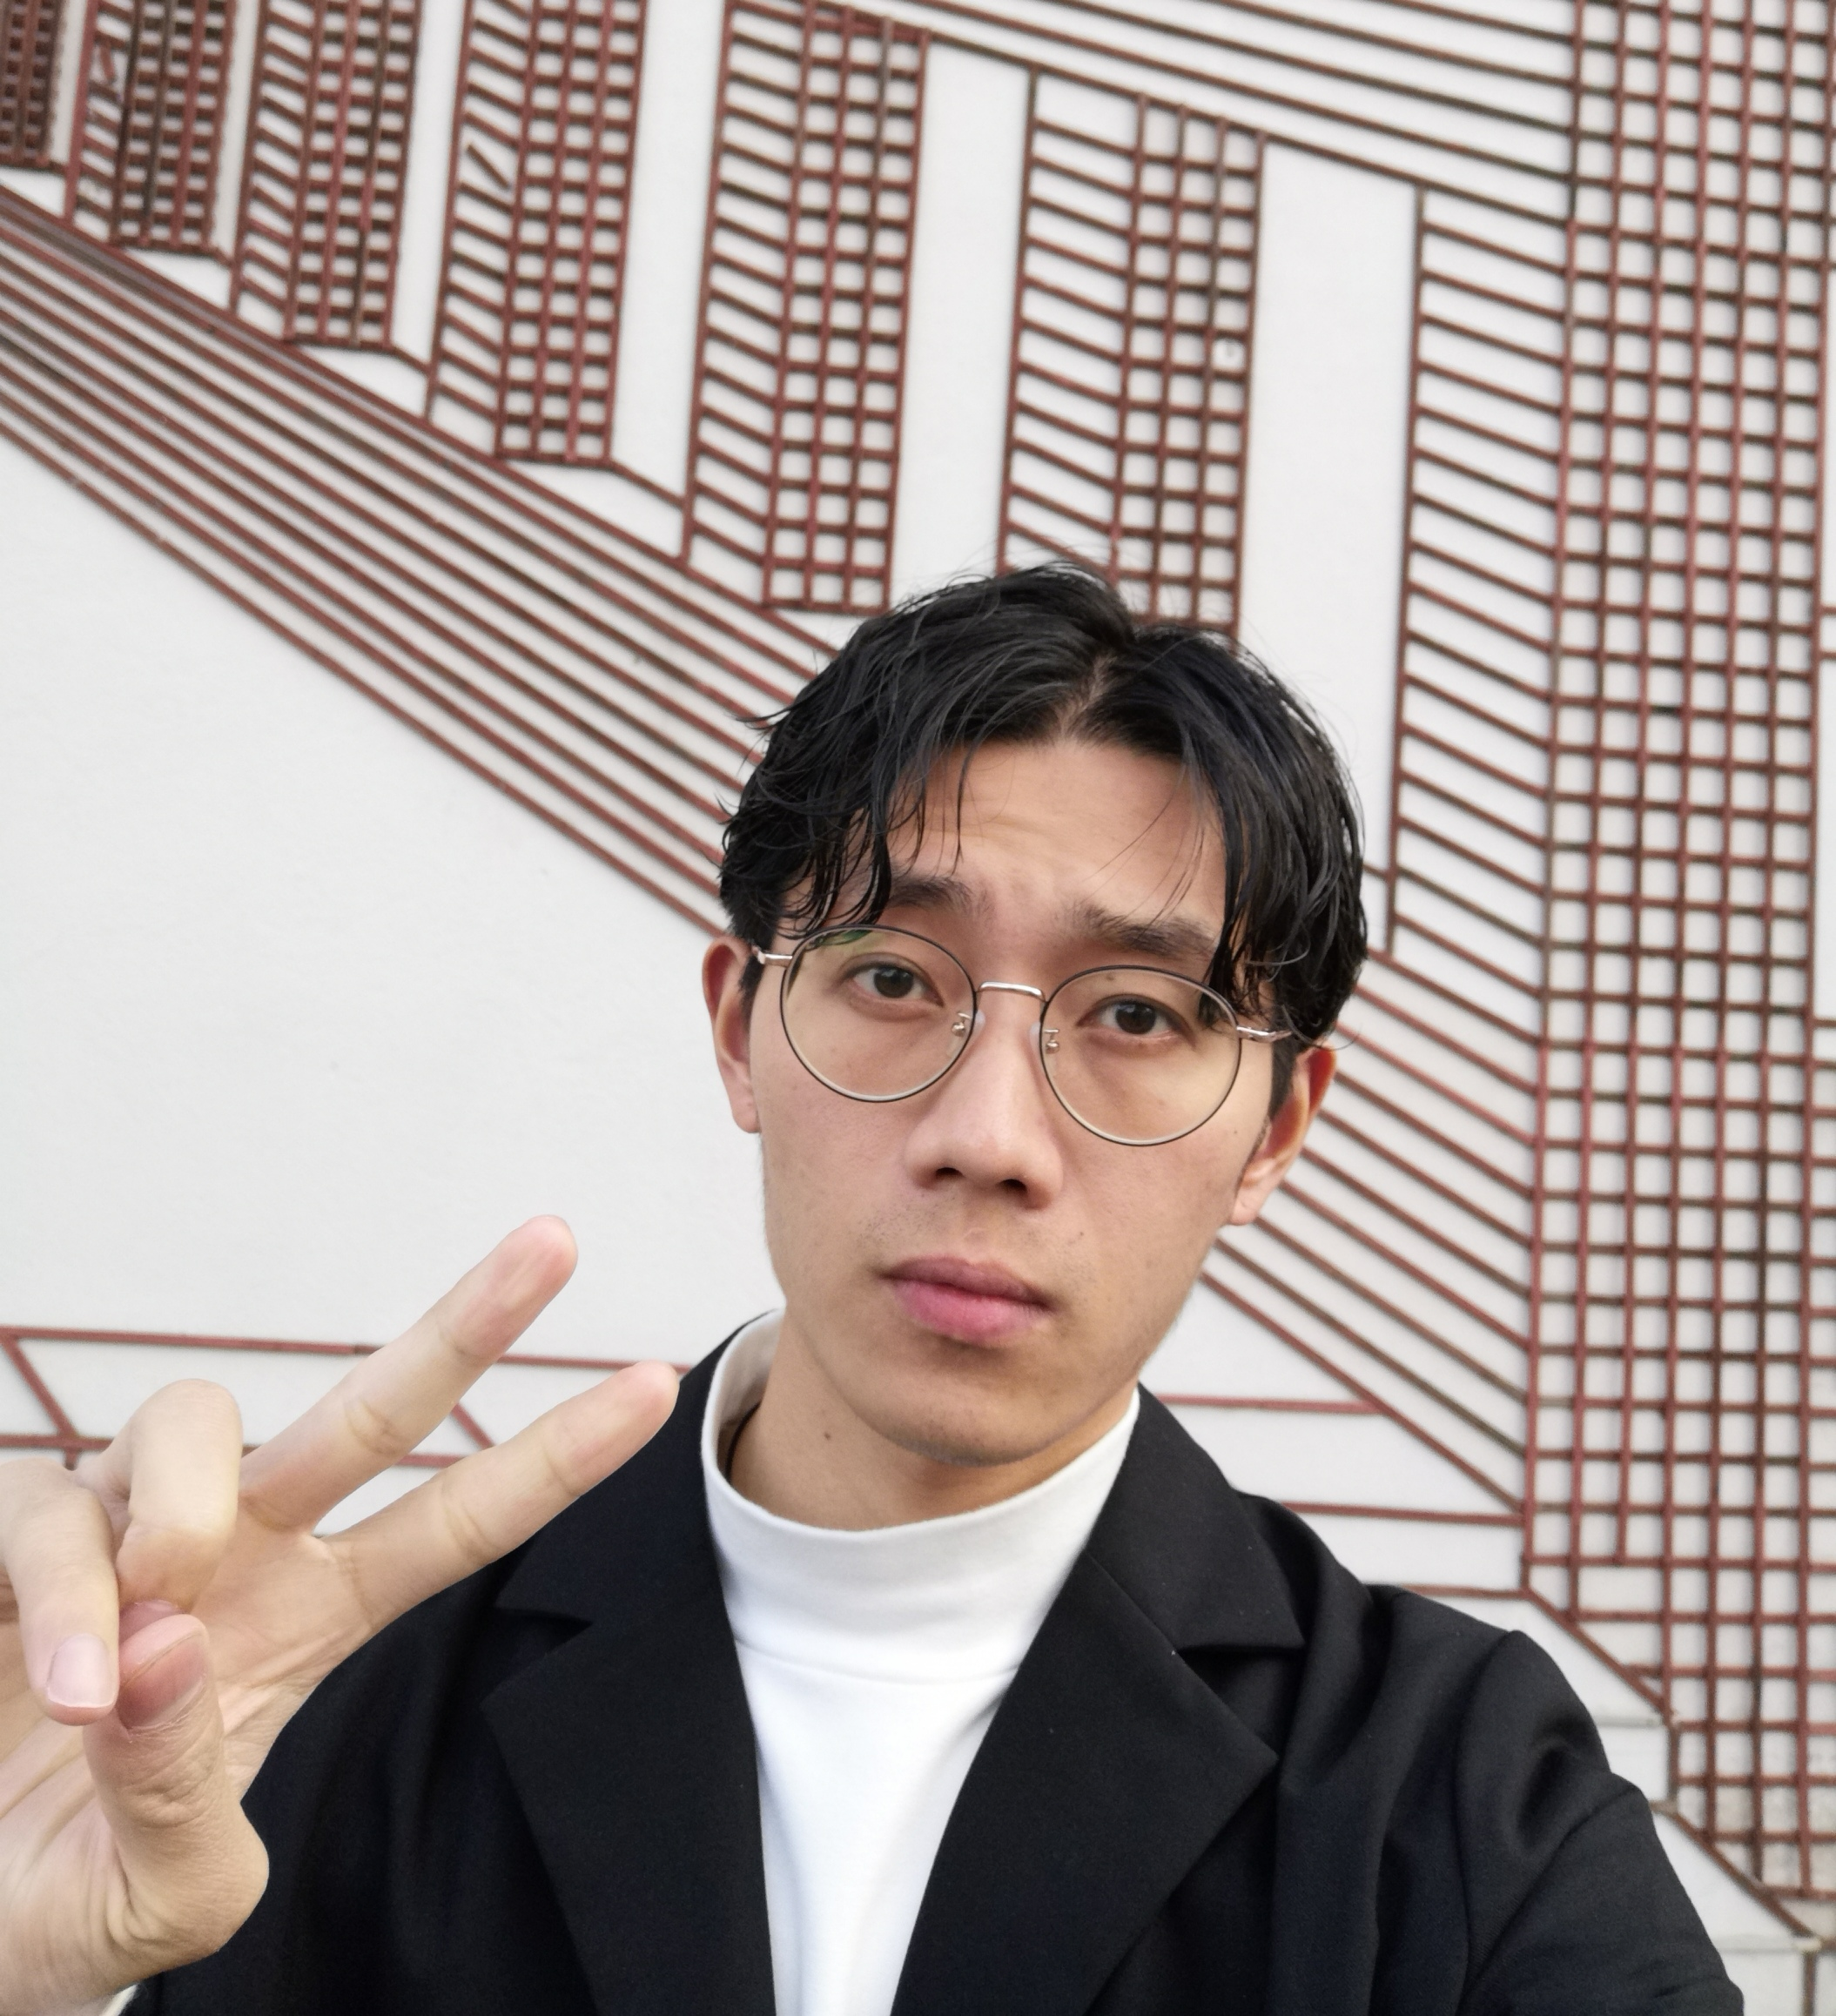 Yiyong Liu